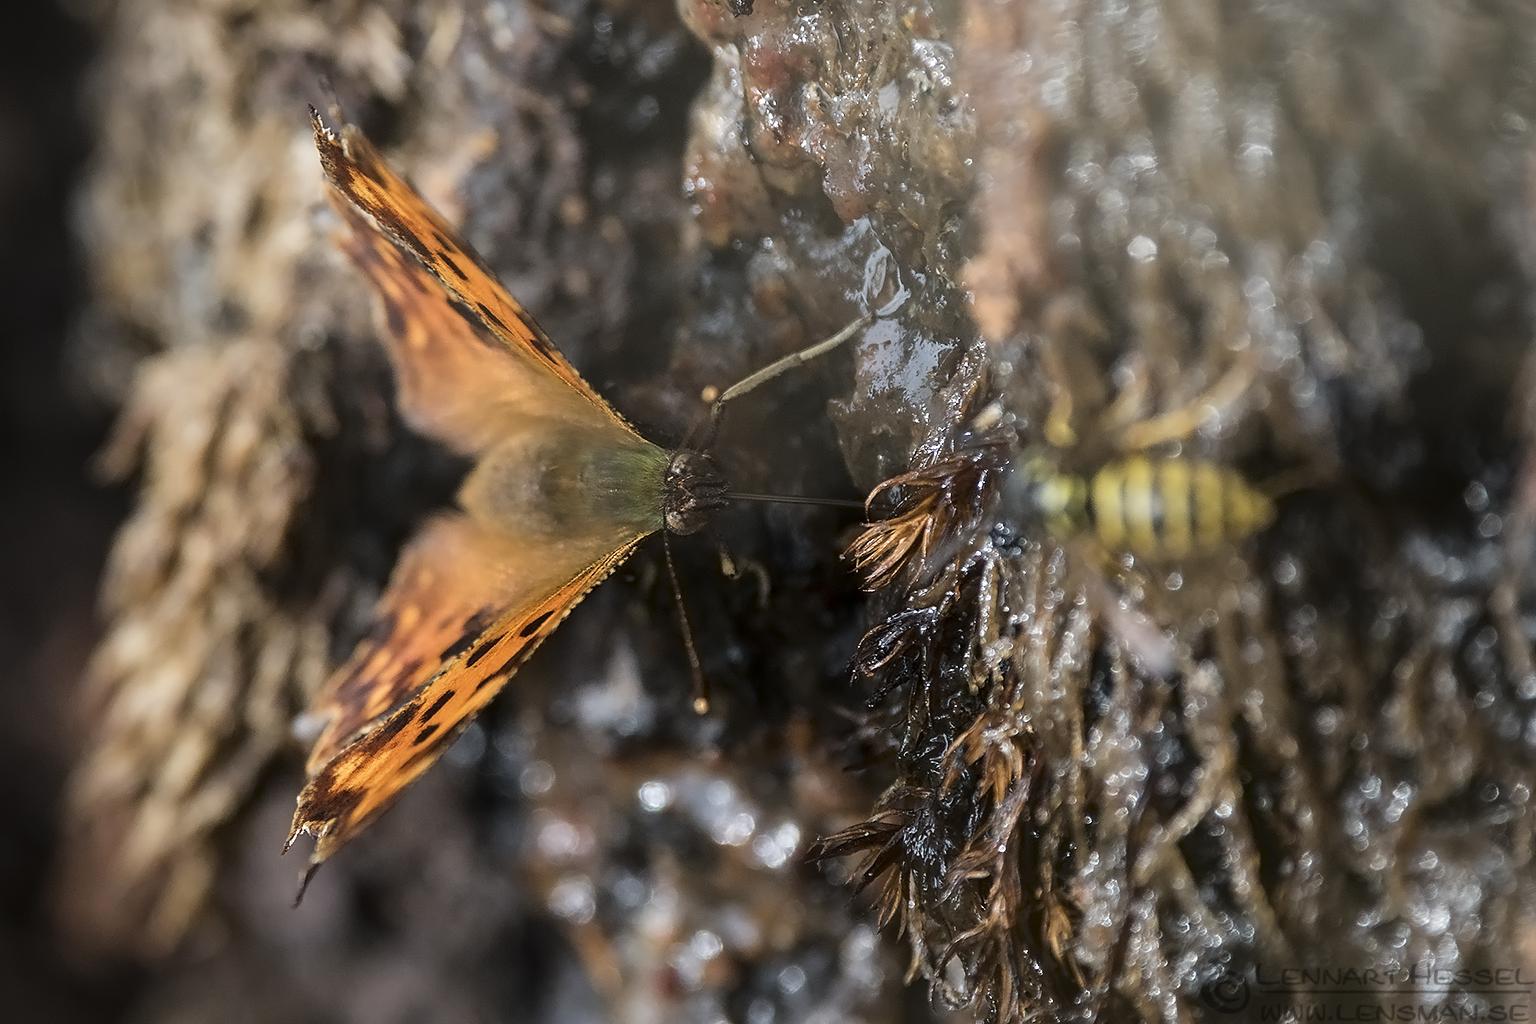 Queen of Spain fritillary & European Hornet warm